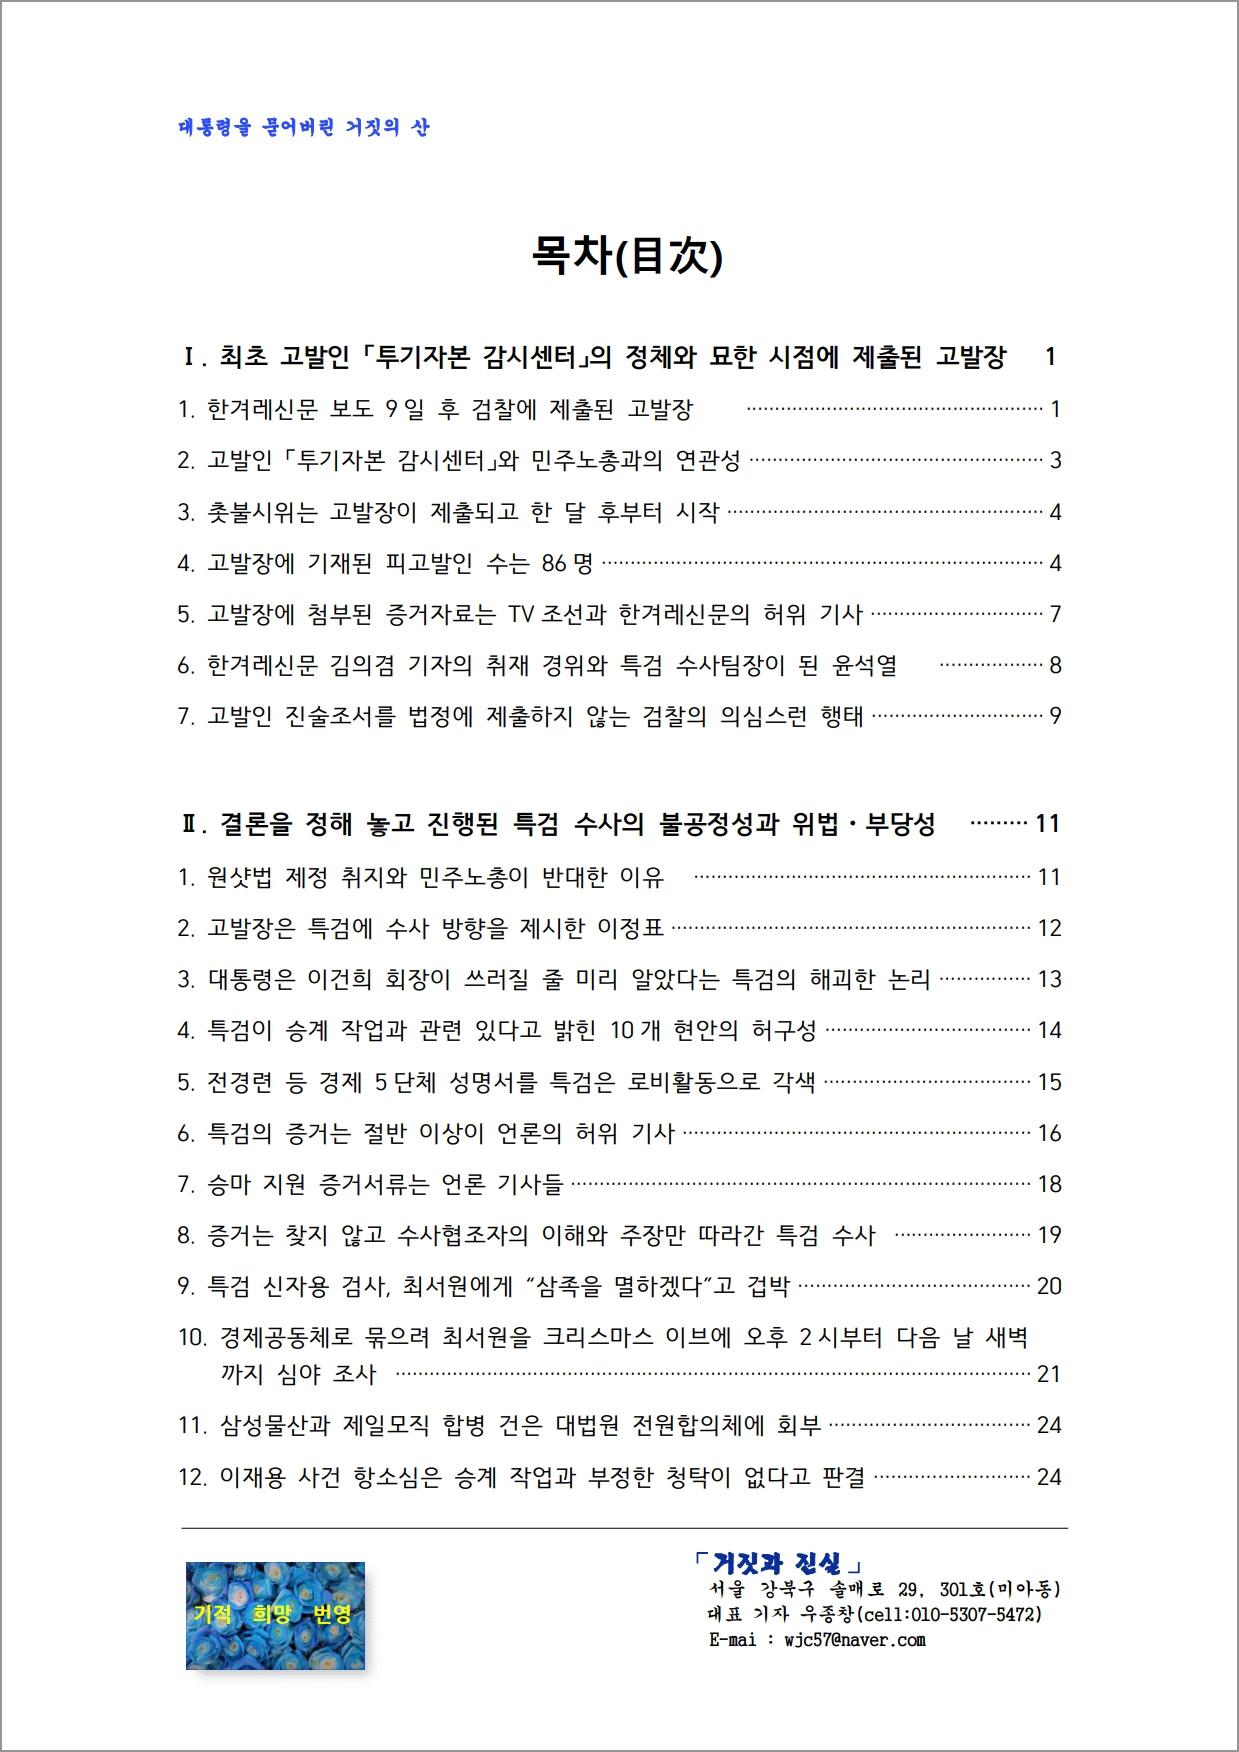 박근혜 대통령 사건 - 각론1